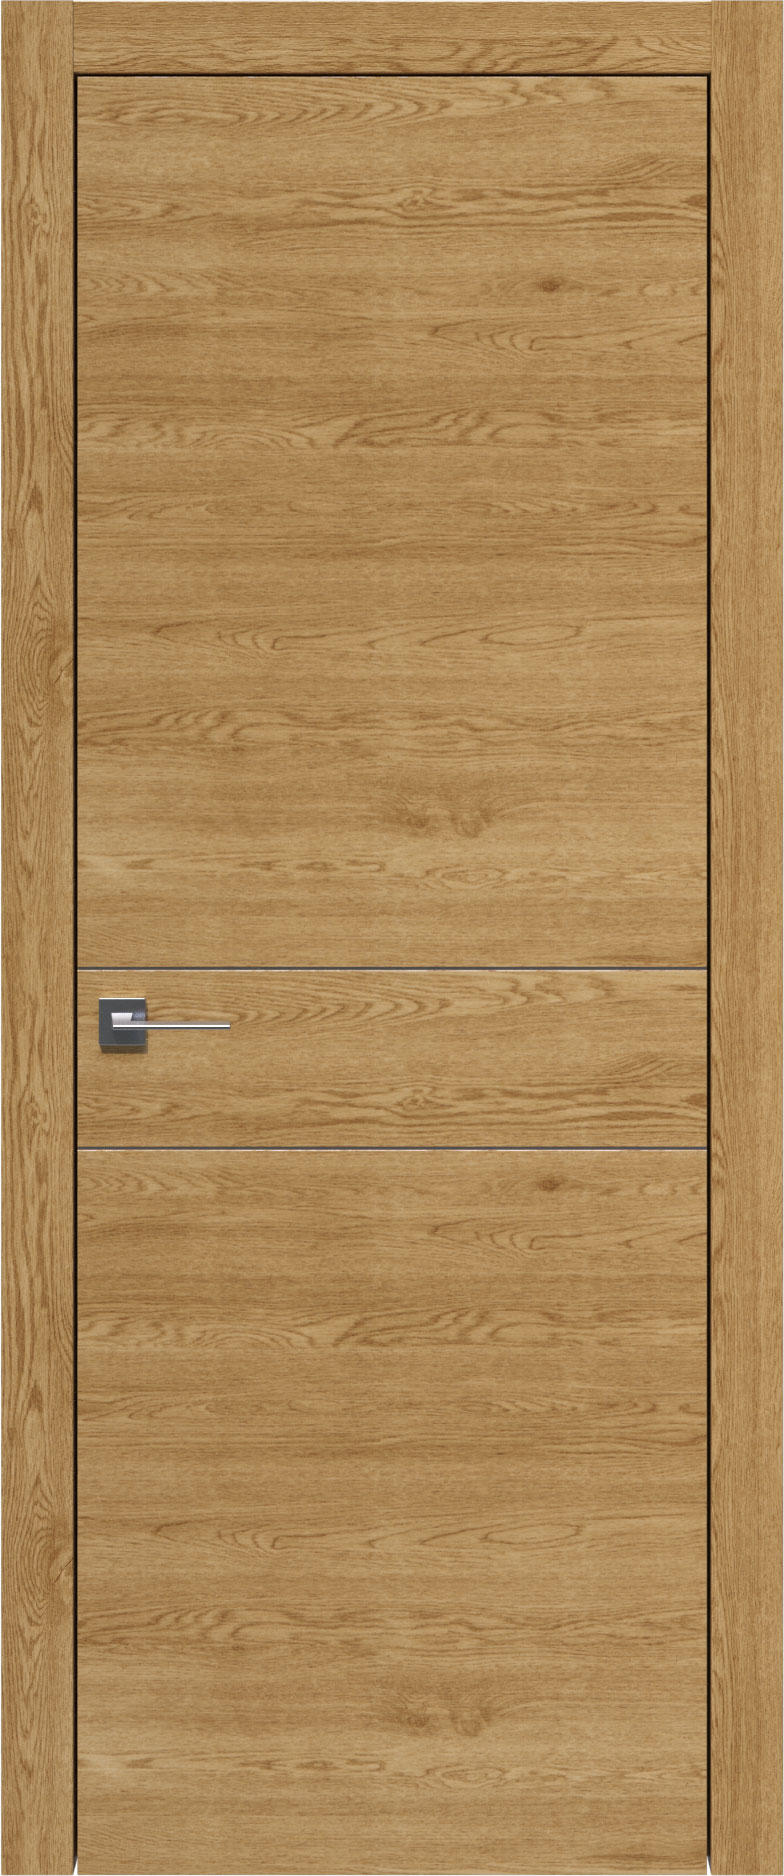 Tivoli И-2 цвет - Дуб натуральный Без стекла (ДГ)